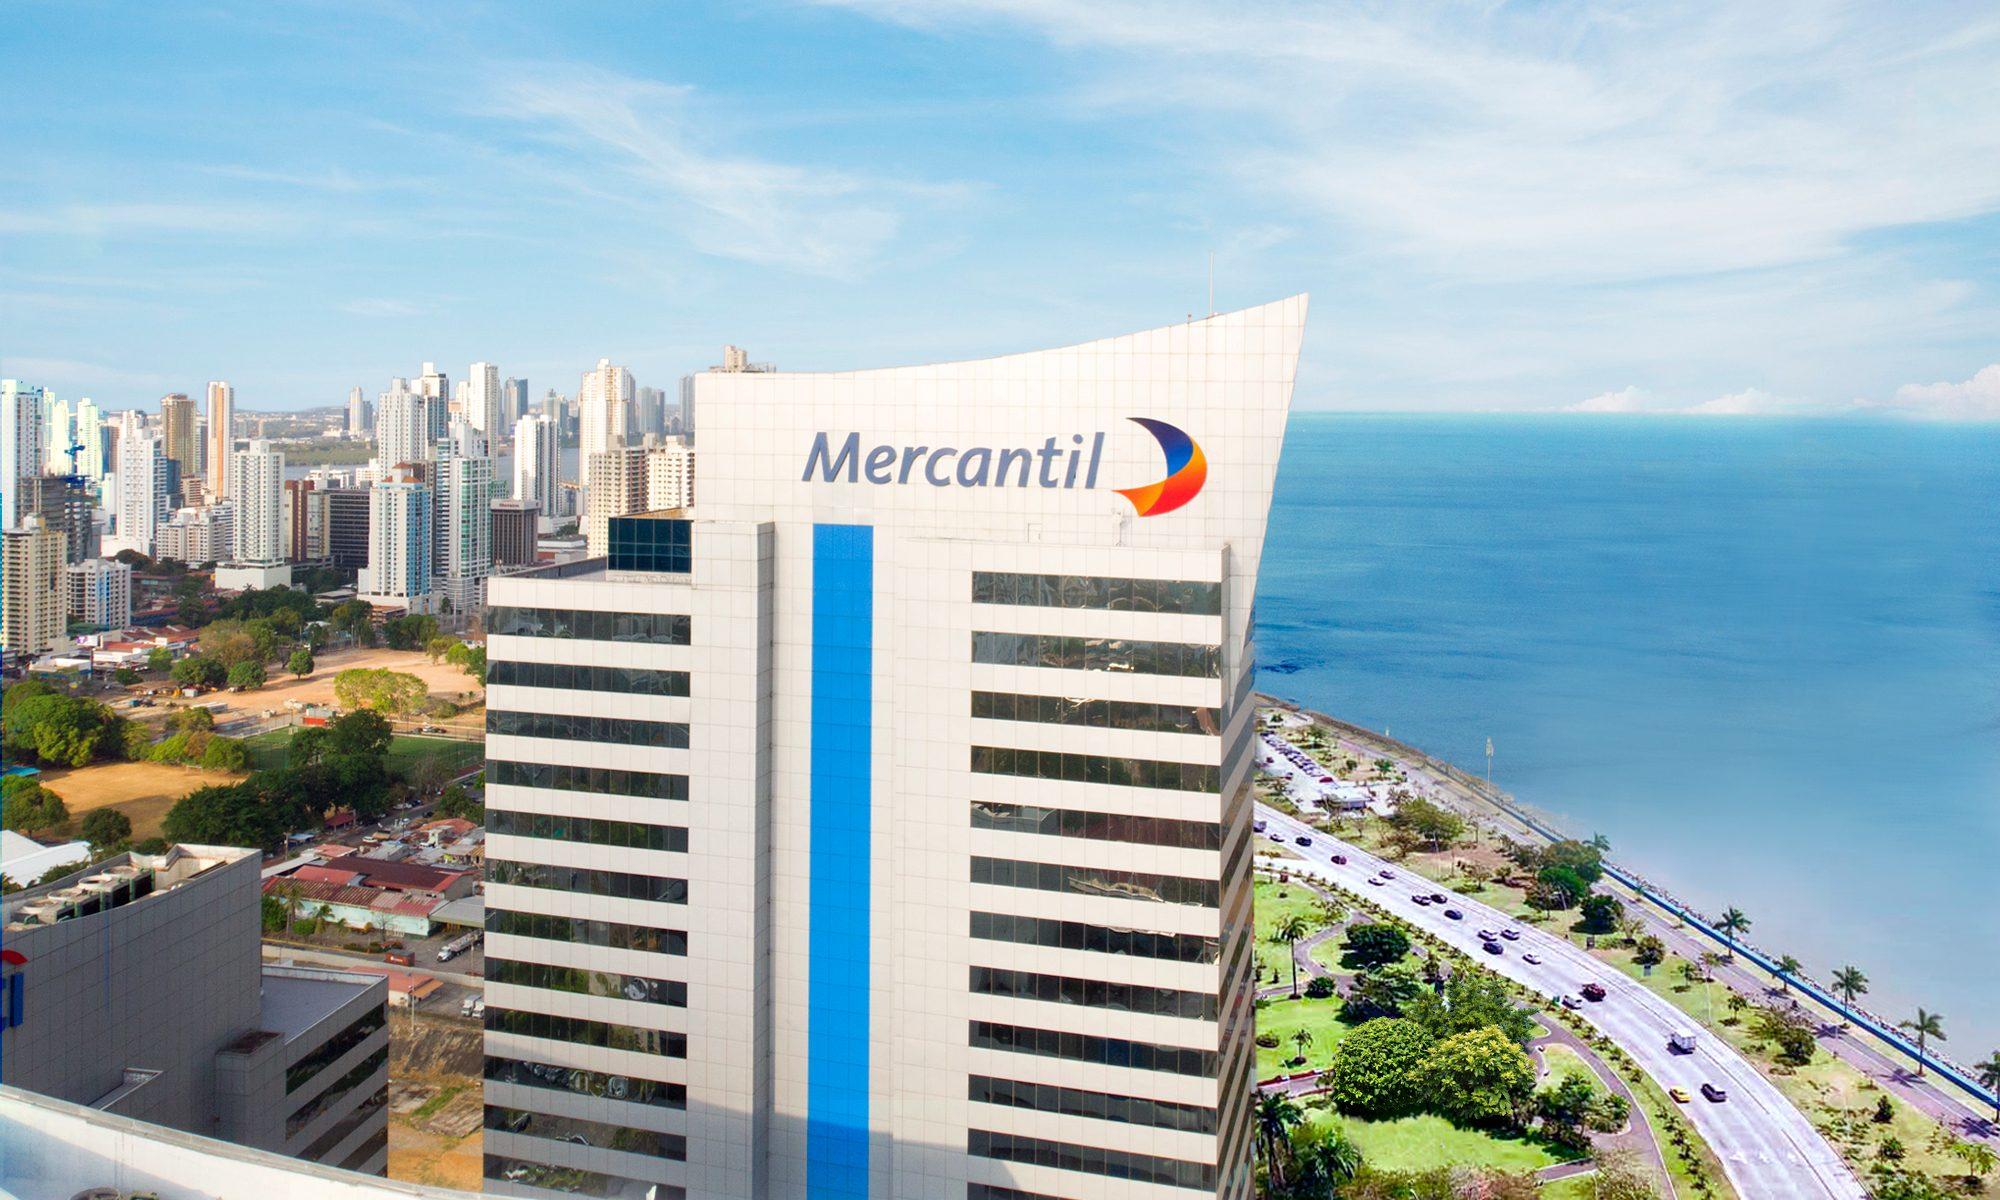 Mercantil Servicios Financieros Internacional